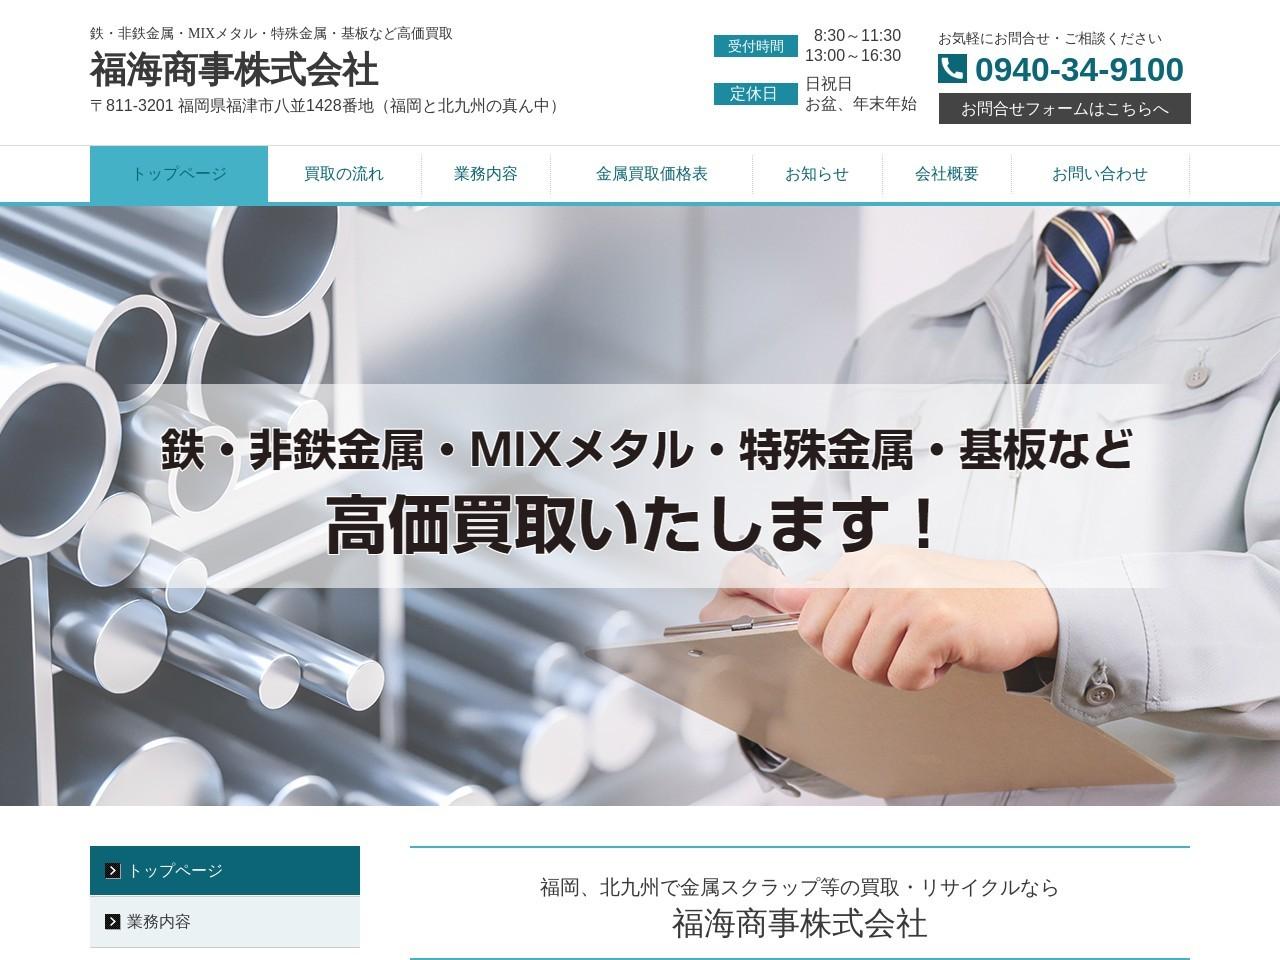 福岡で鉄のスクラップ・非鉄金属くず・プラスチックリサイクルなら「福海商事」